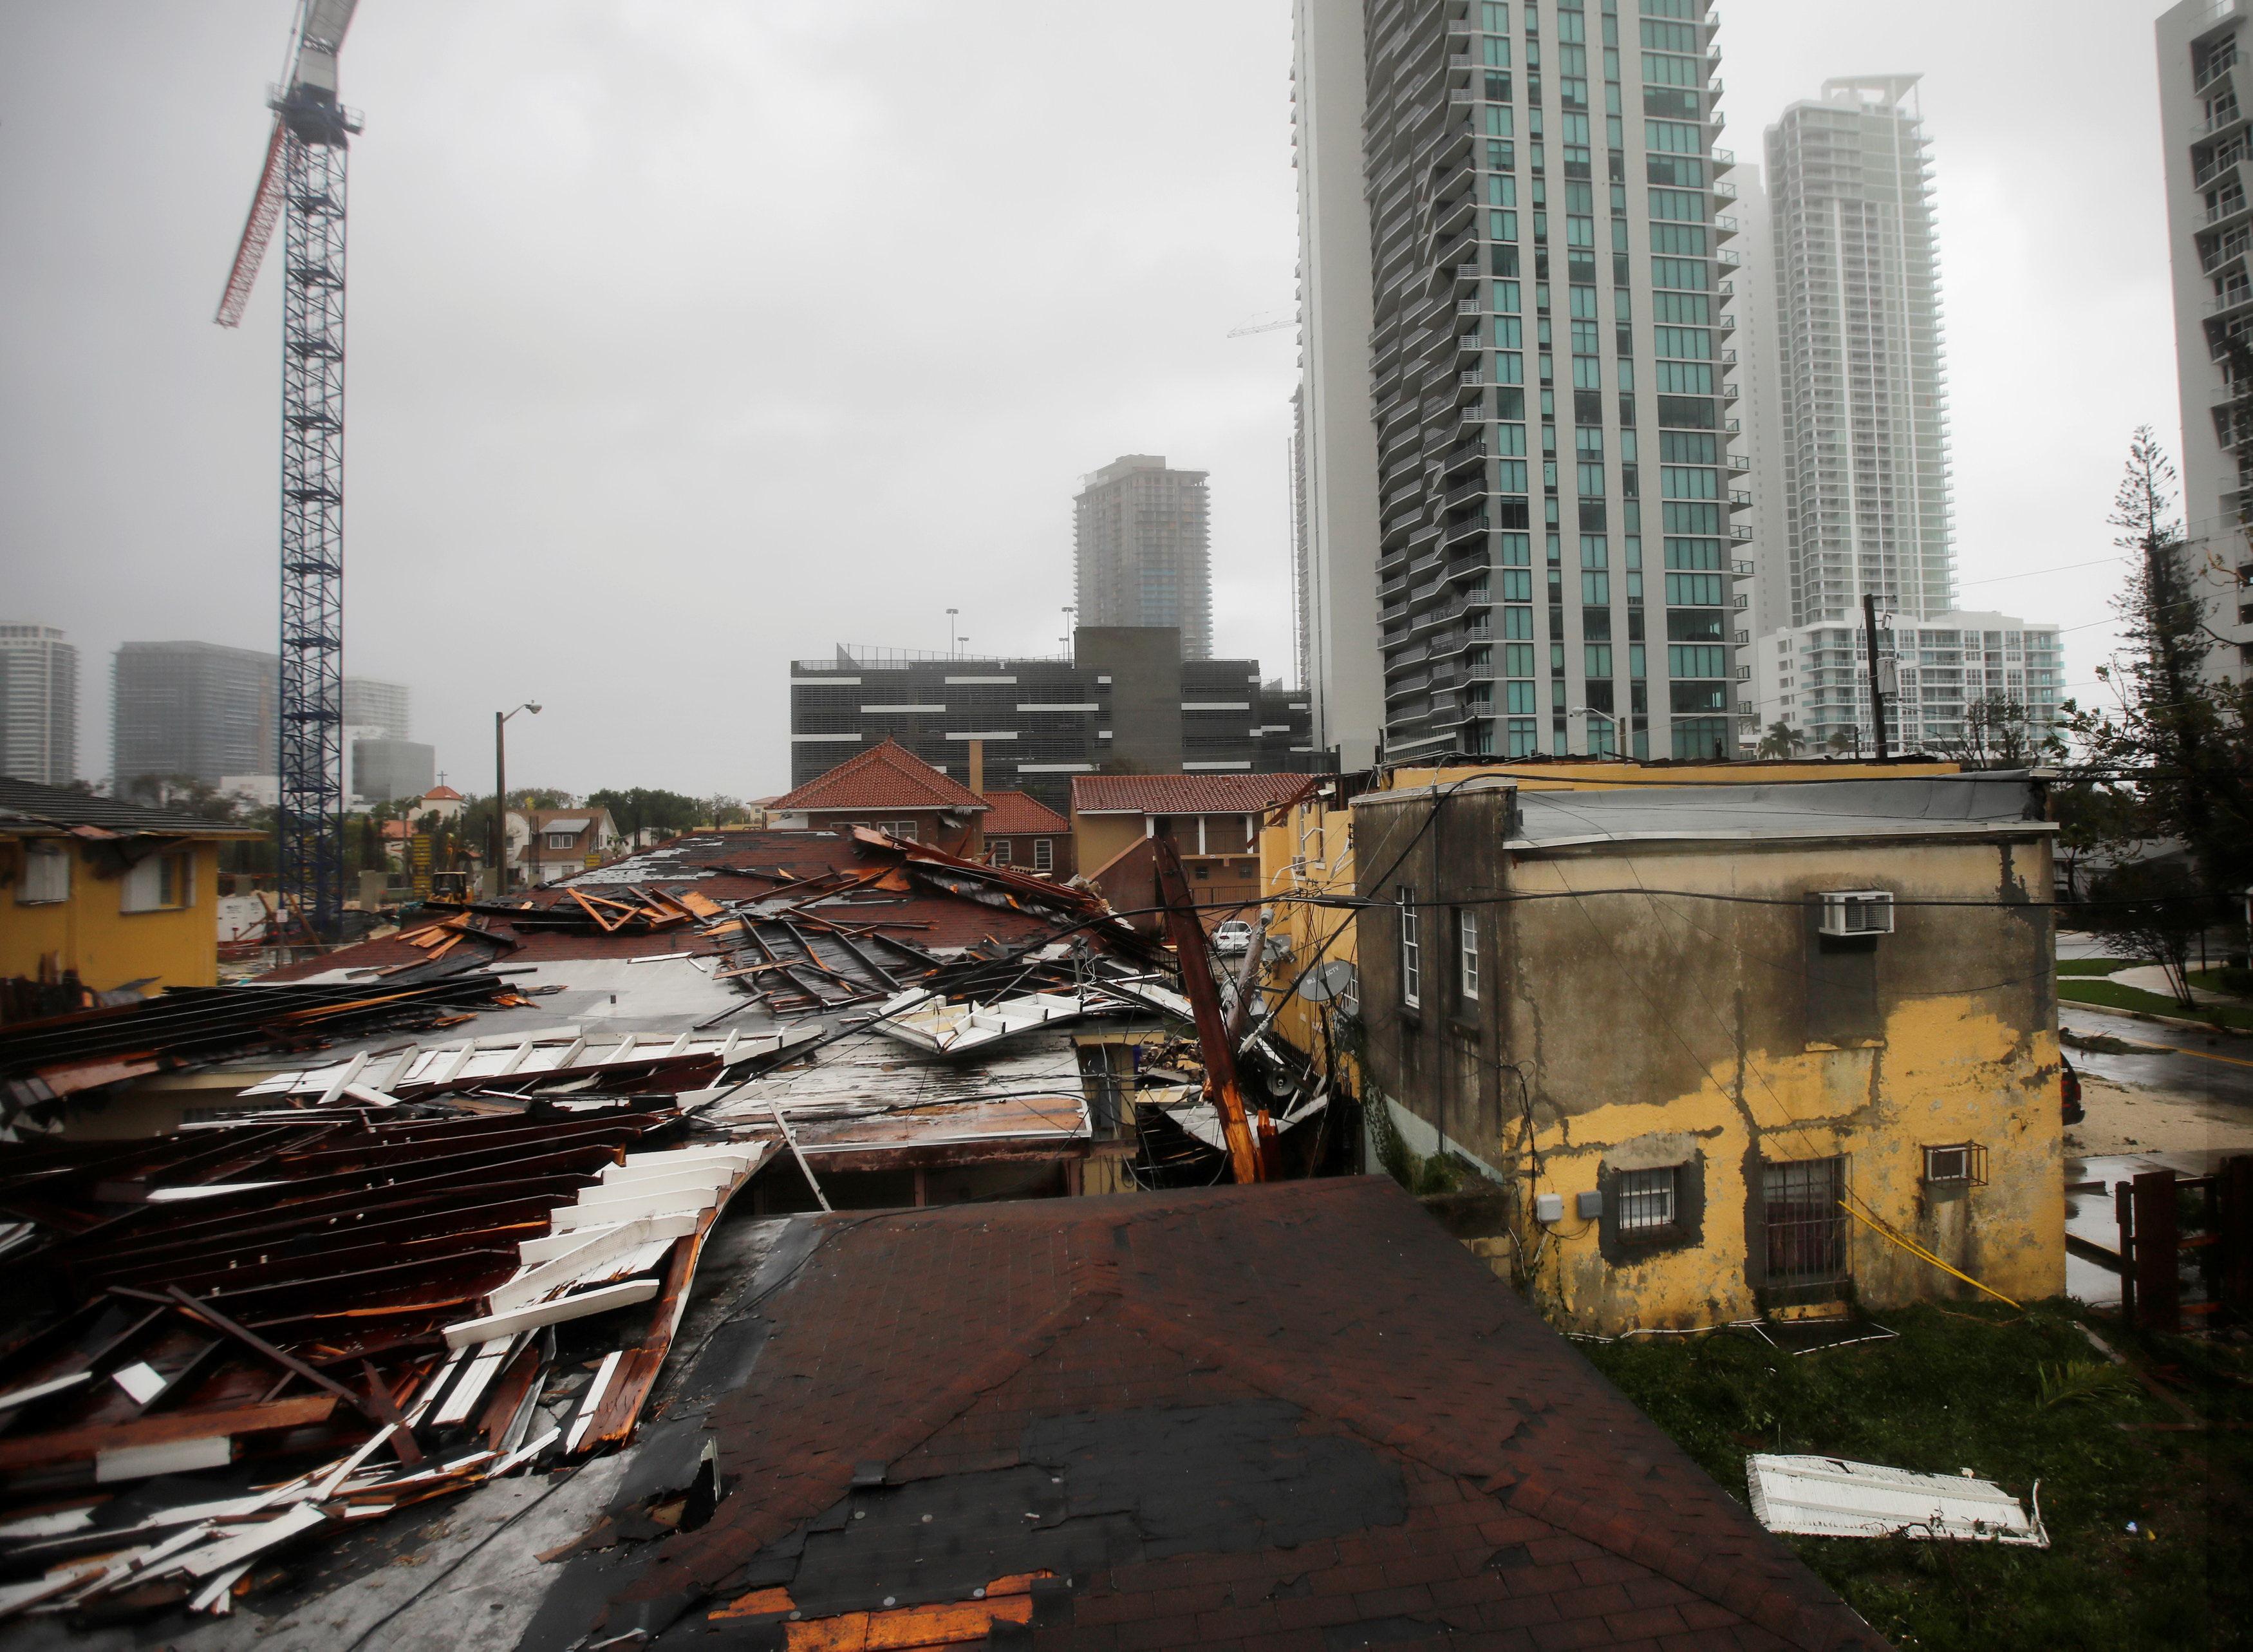 Bão Irma và Harvey thổi bay hàng chục tỉ đô - Ảnh 1.